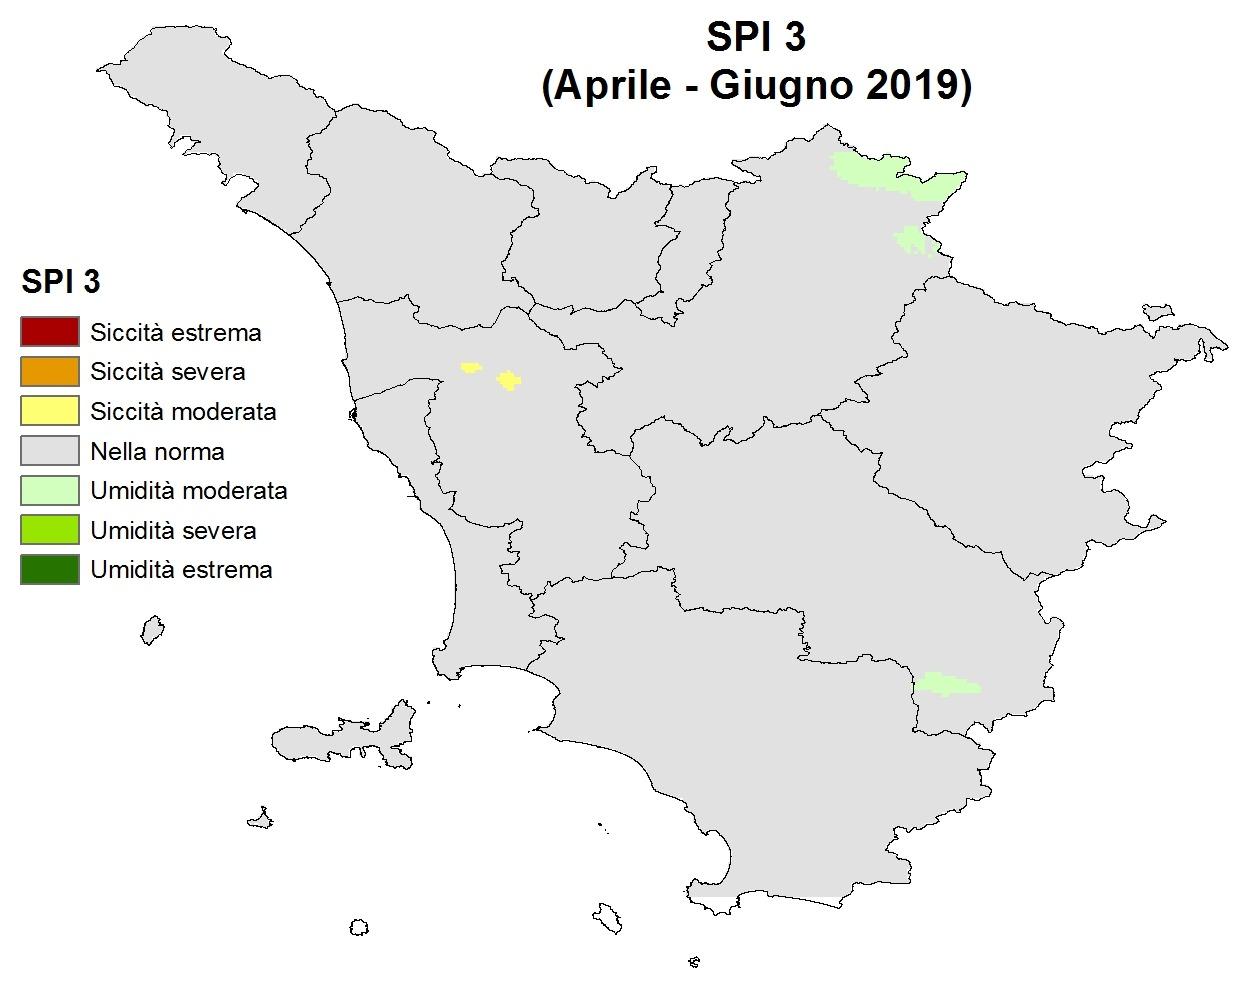 Situazione siccità Giugno 2019